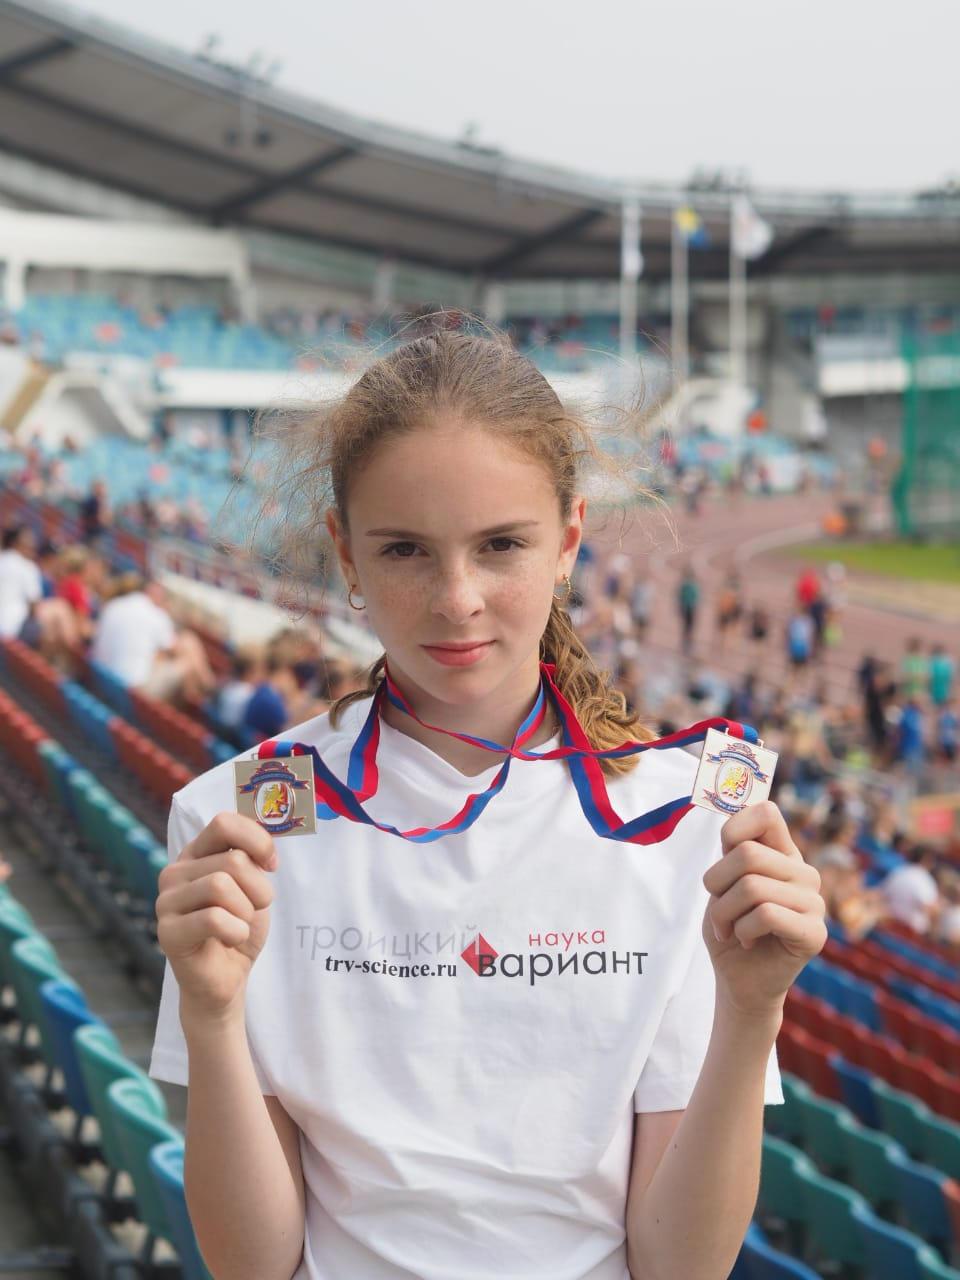 Софья Прибиль — две серебряных медали. Фото Миланы Прибиль